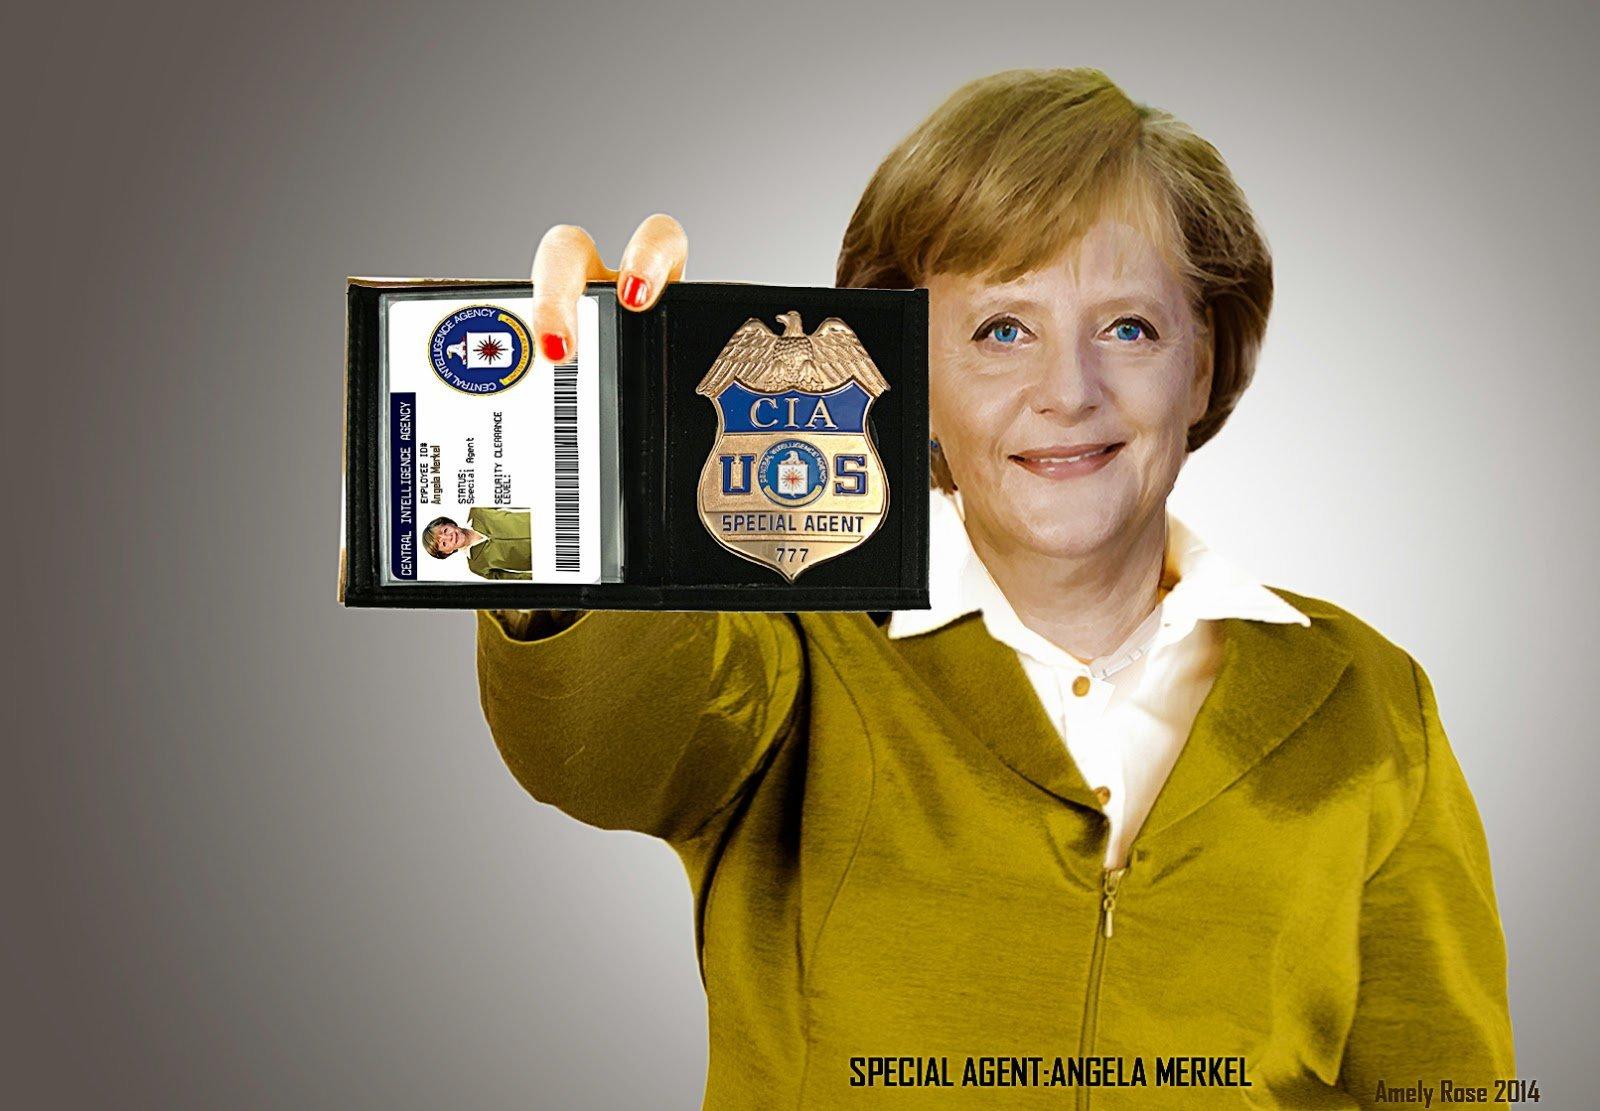 Merkel Cia